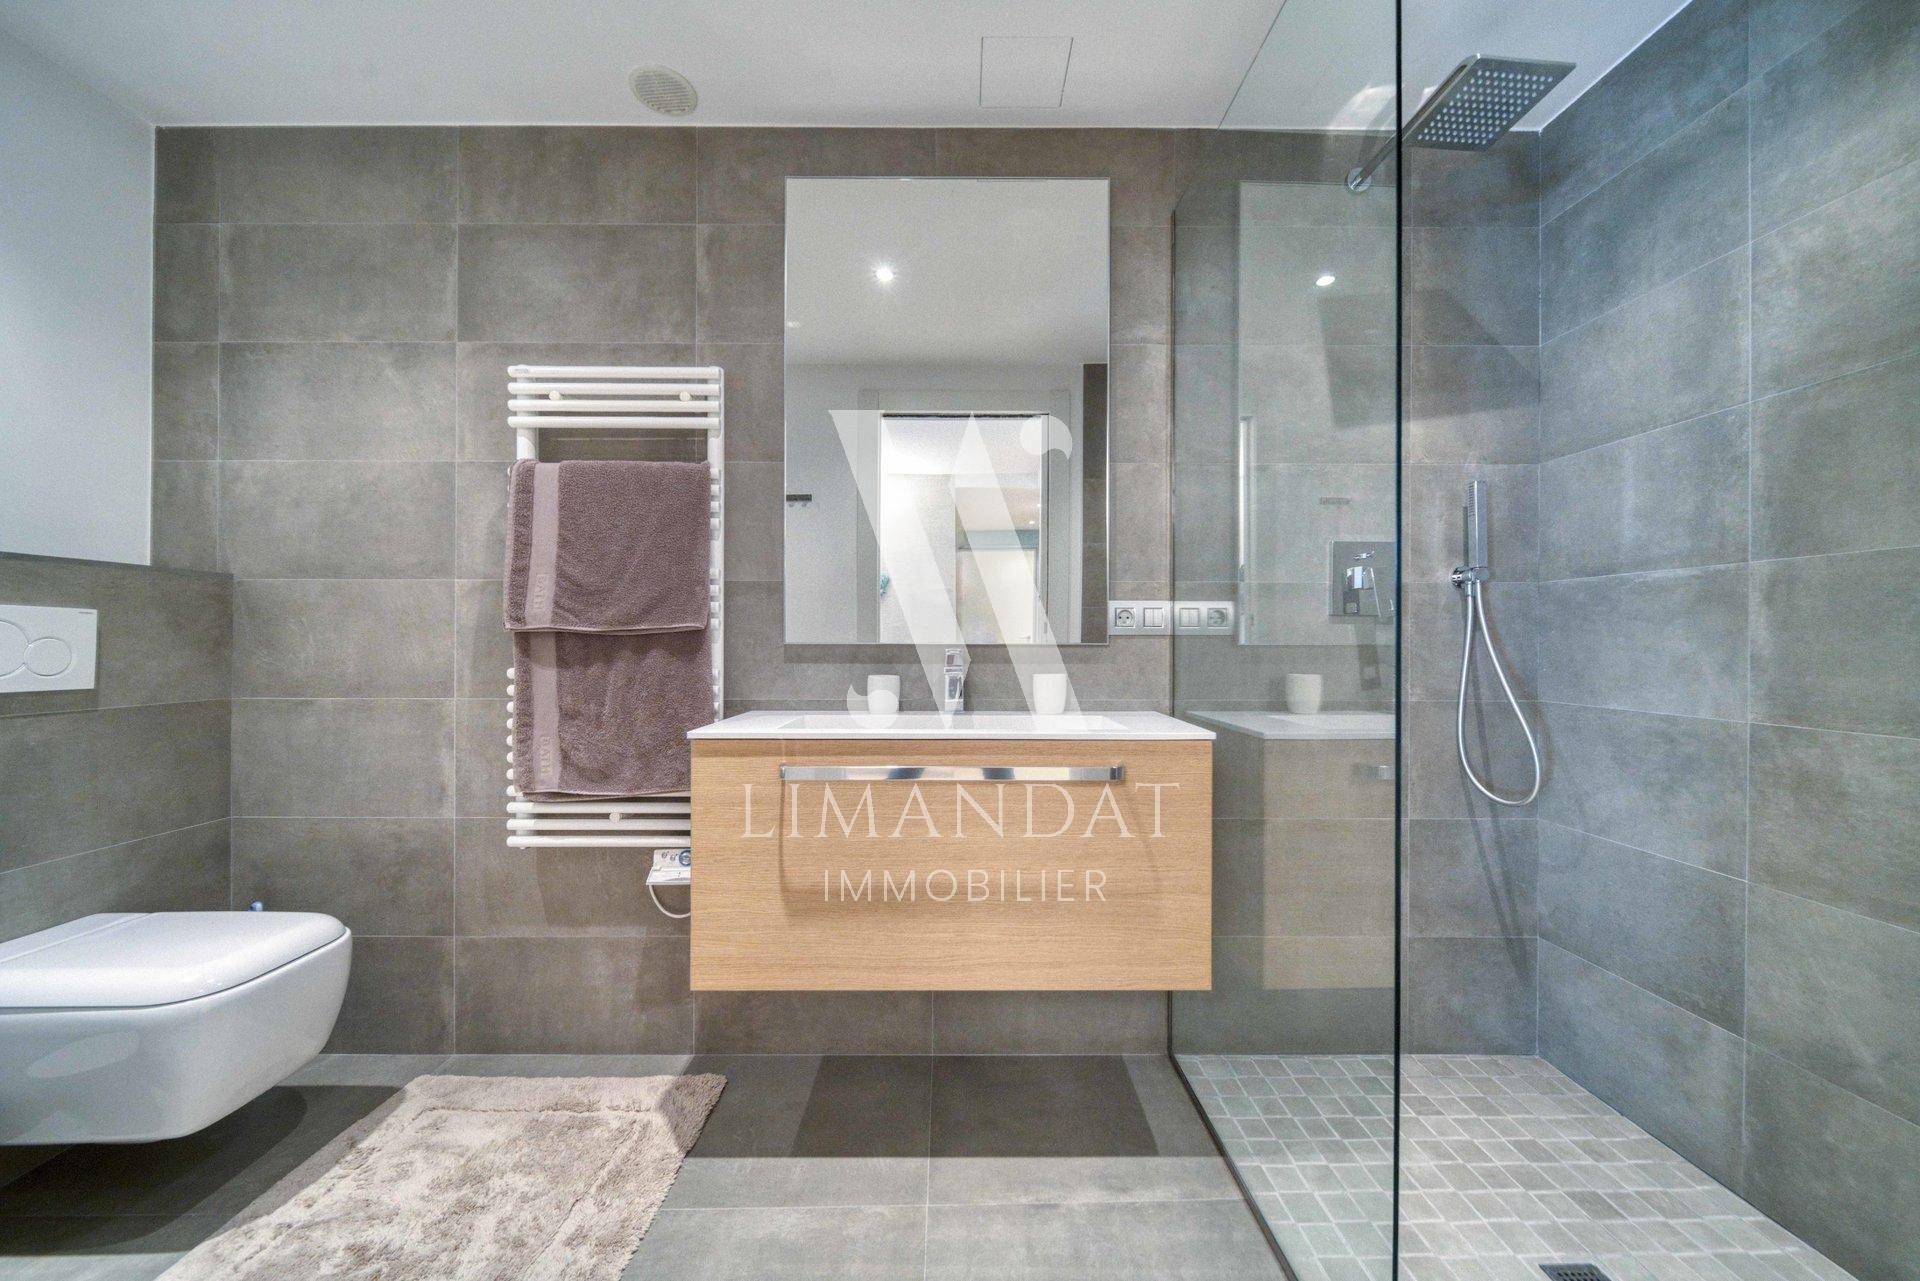 Roquebrune Cap Martin - exceptional duplex 148 m2 - terraces 81 m2 - garage - car park